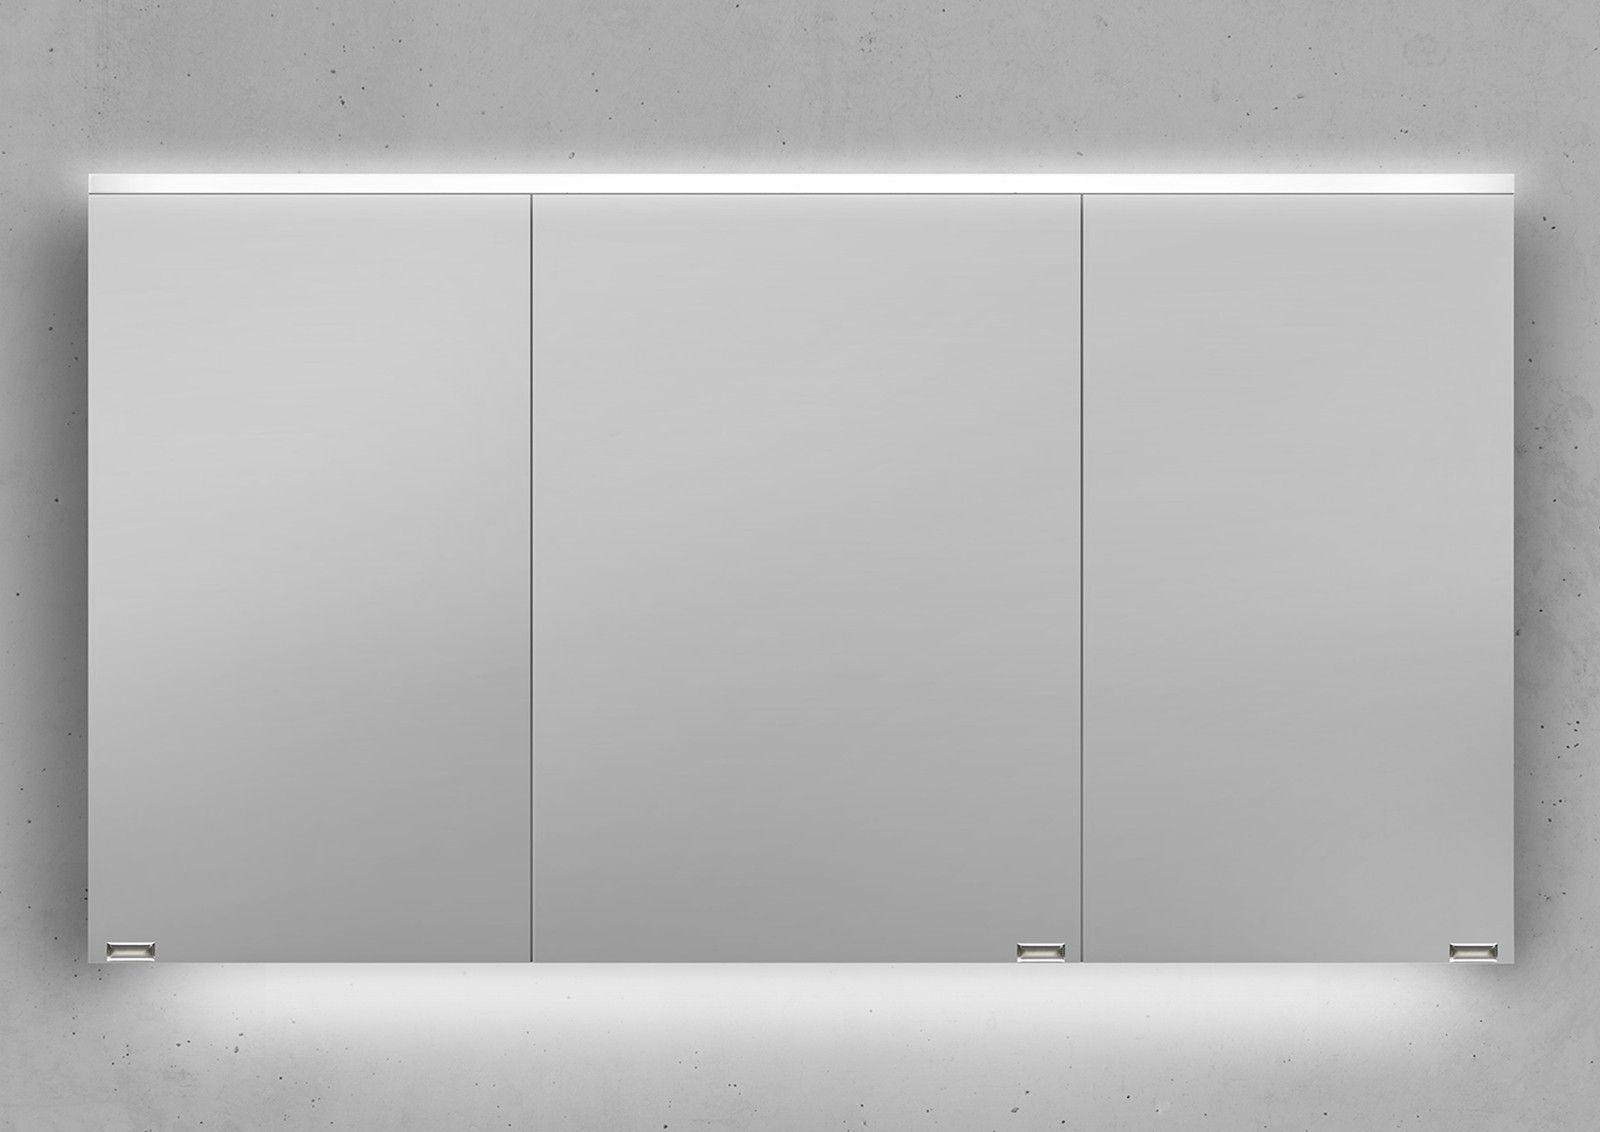 Spiegelschrank 130 Cm Integrierte Led Beleuchtung Doppelt Verspiegelt Spiegelschrank Spiegelschrank Beleuchtung Unterschrank